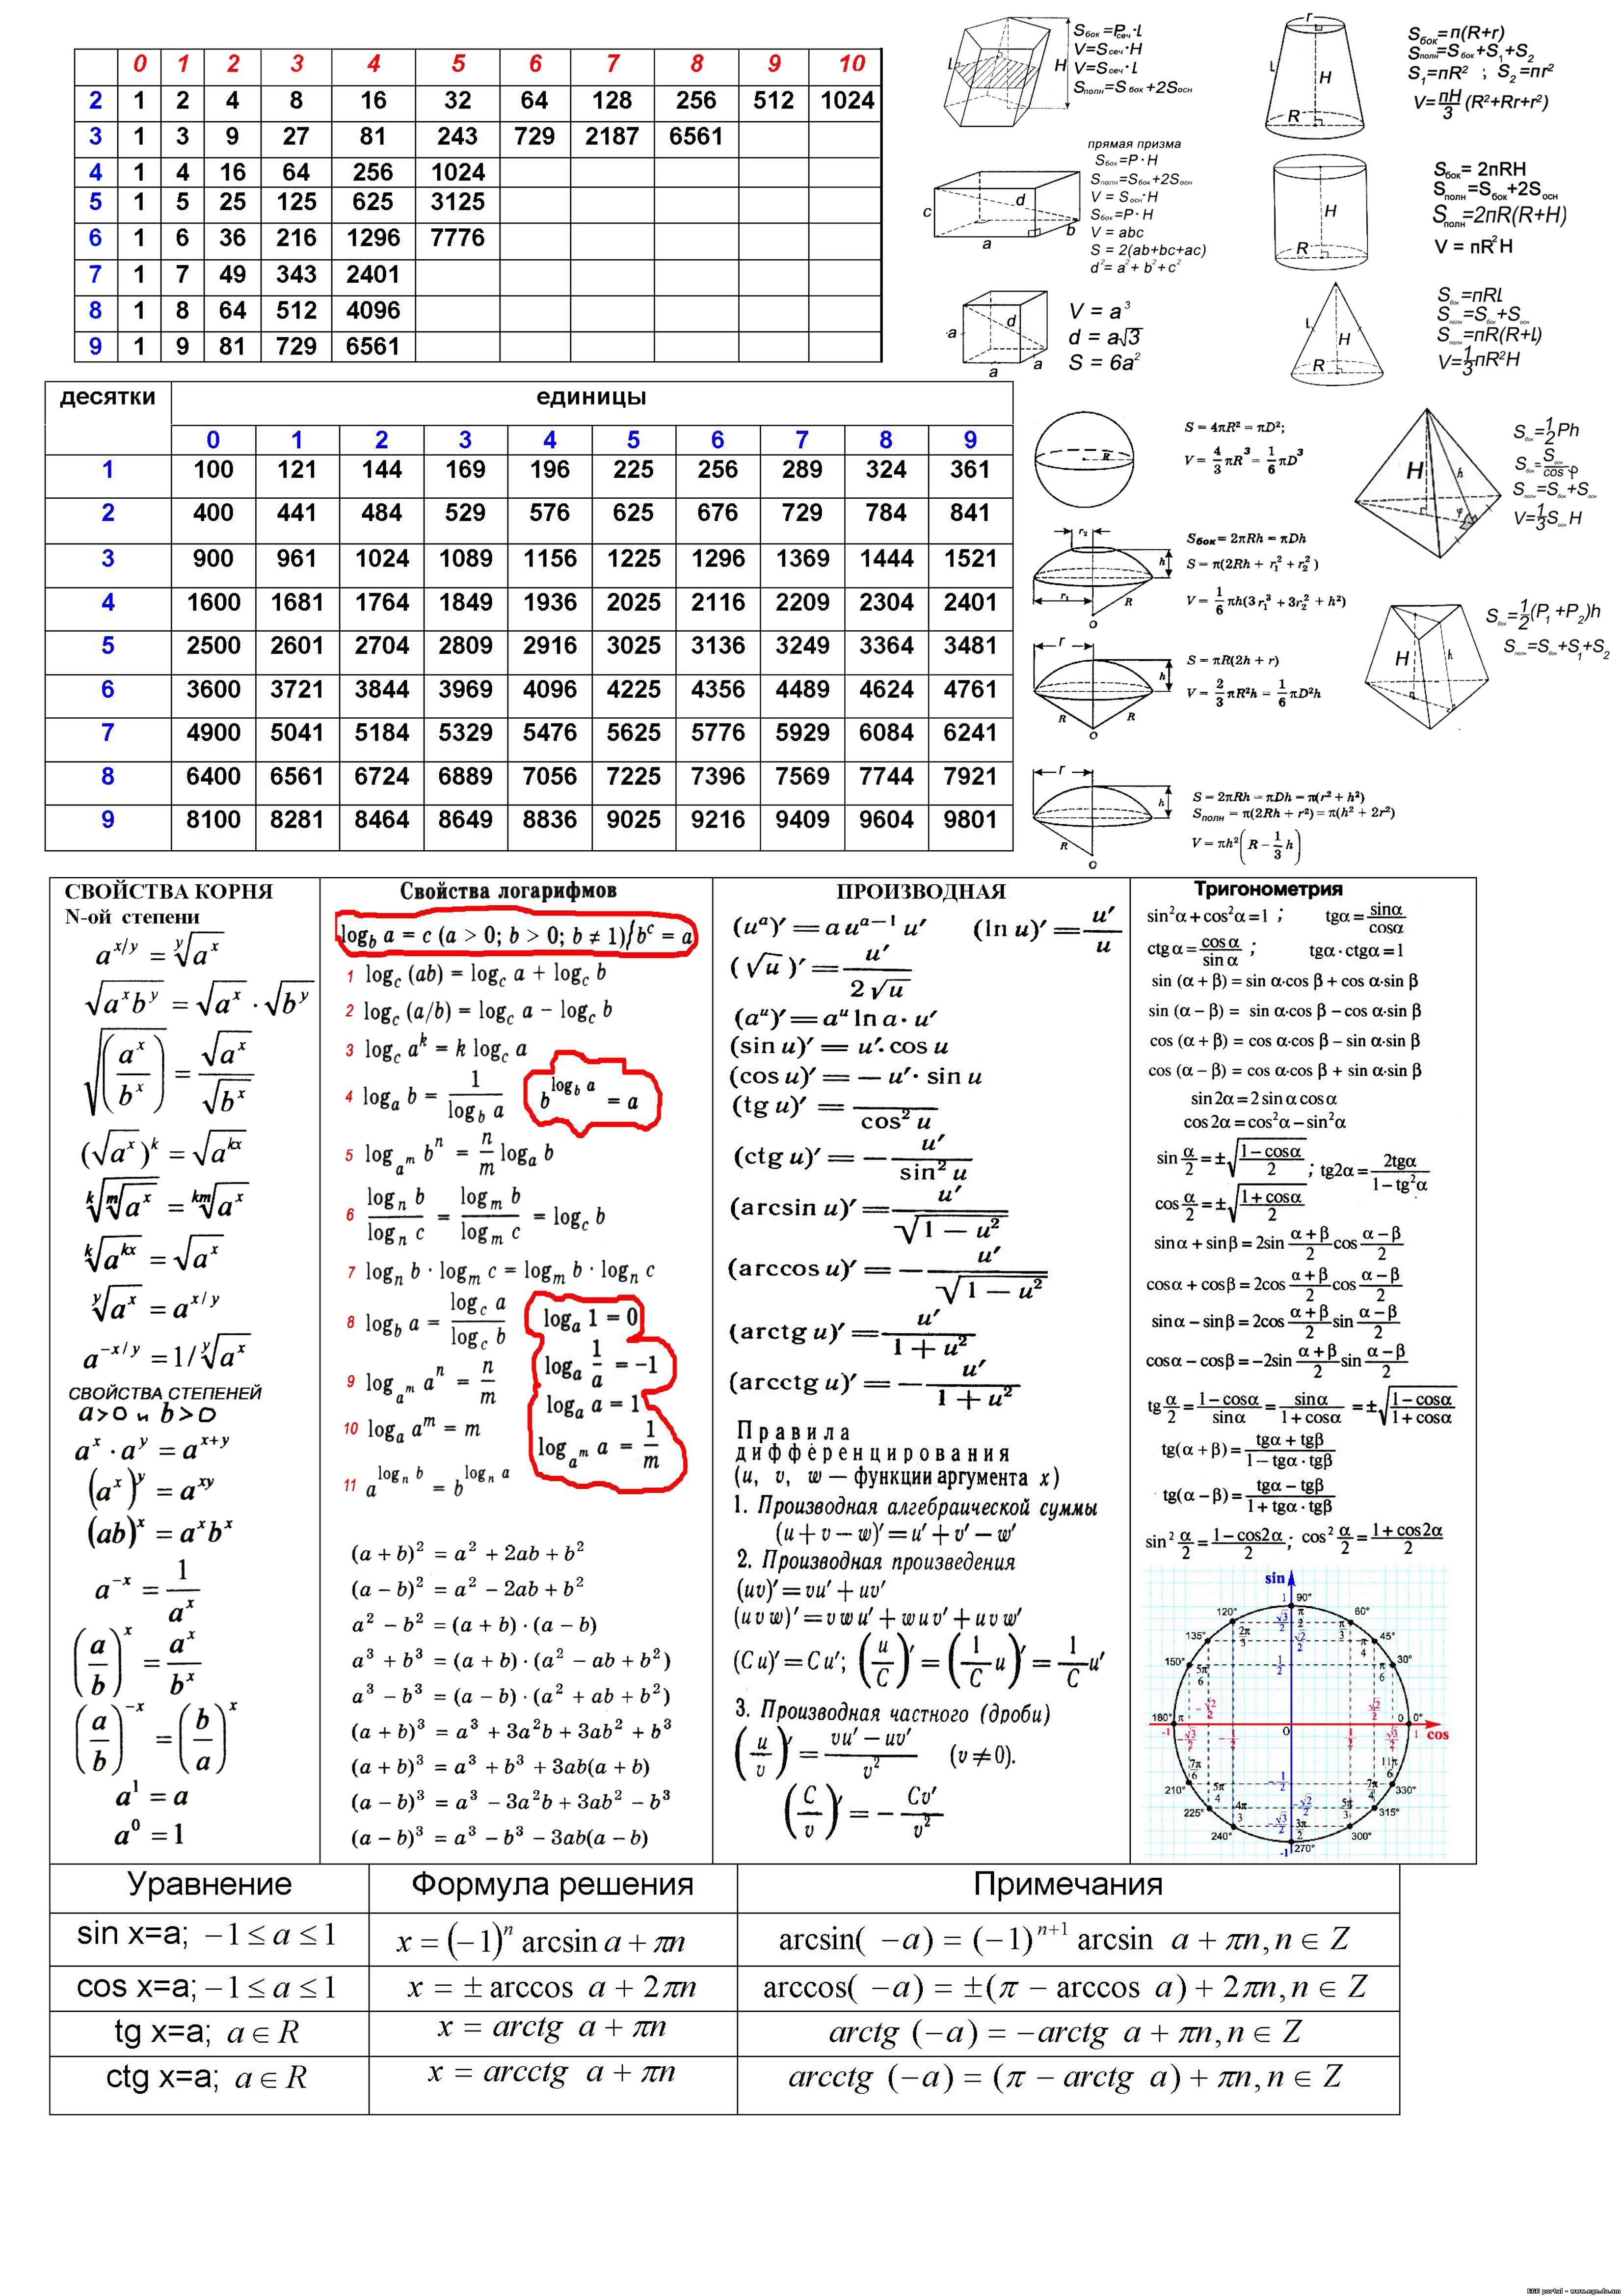 Шпаргалки по философии для поступающих в аспирантуру - b246